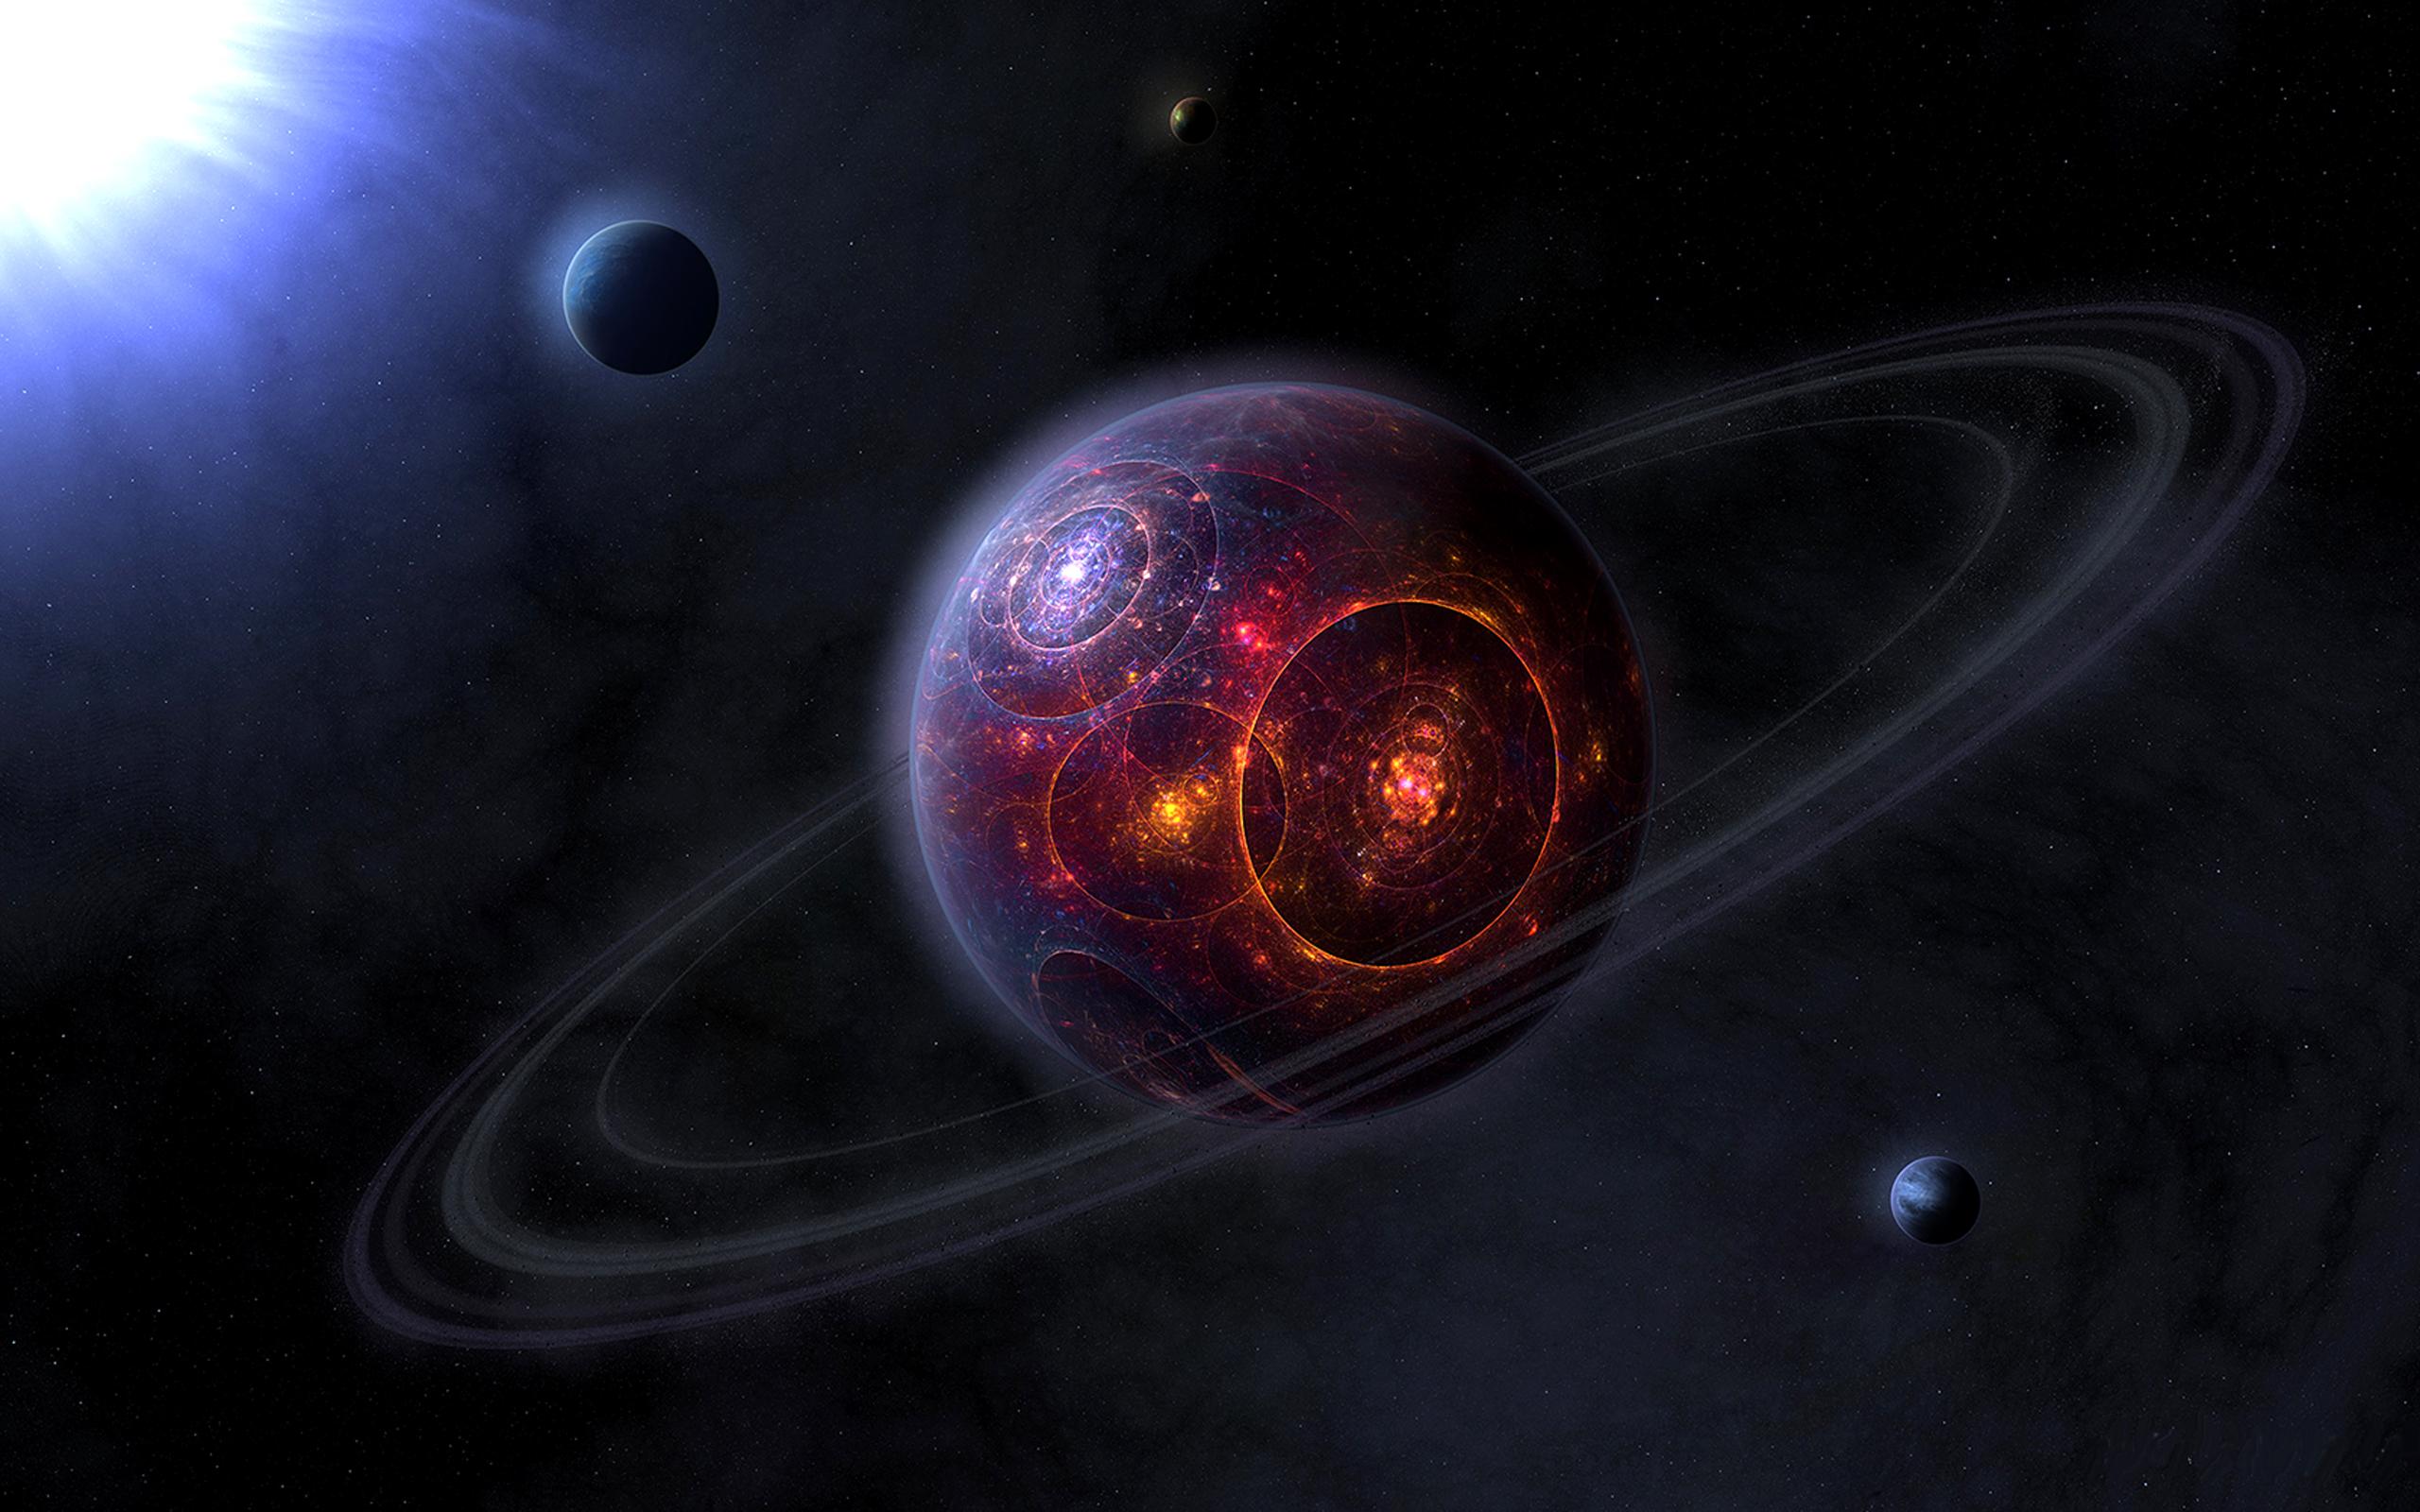 Обои огненная планета картинки на рабочий стол на тему Космос - скачать  № 433822  скачать